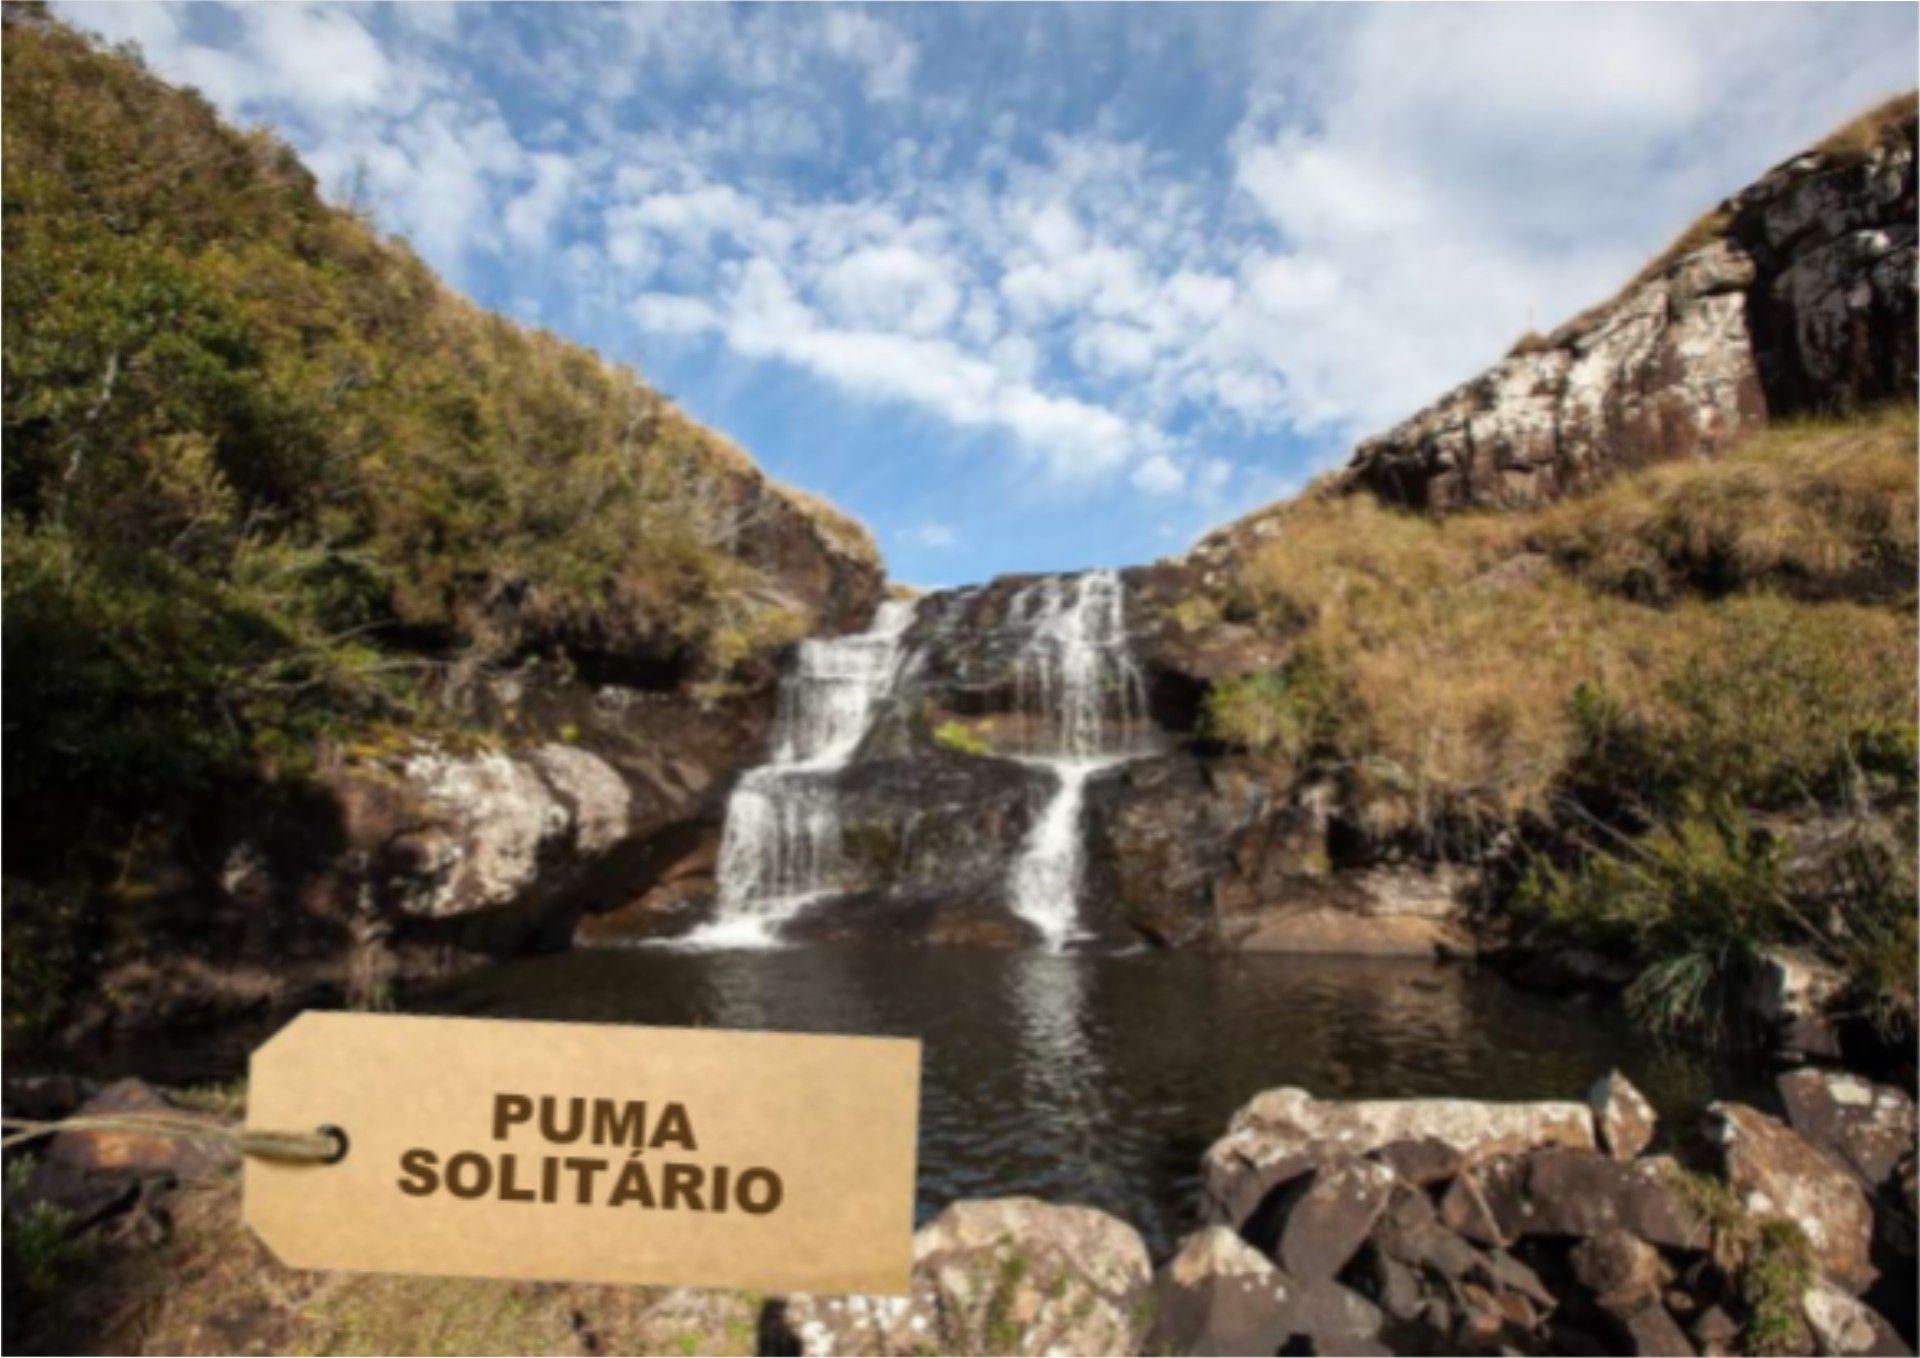 Puma Solitário